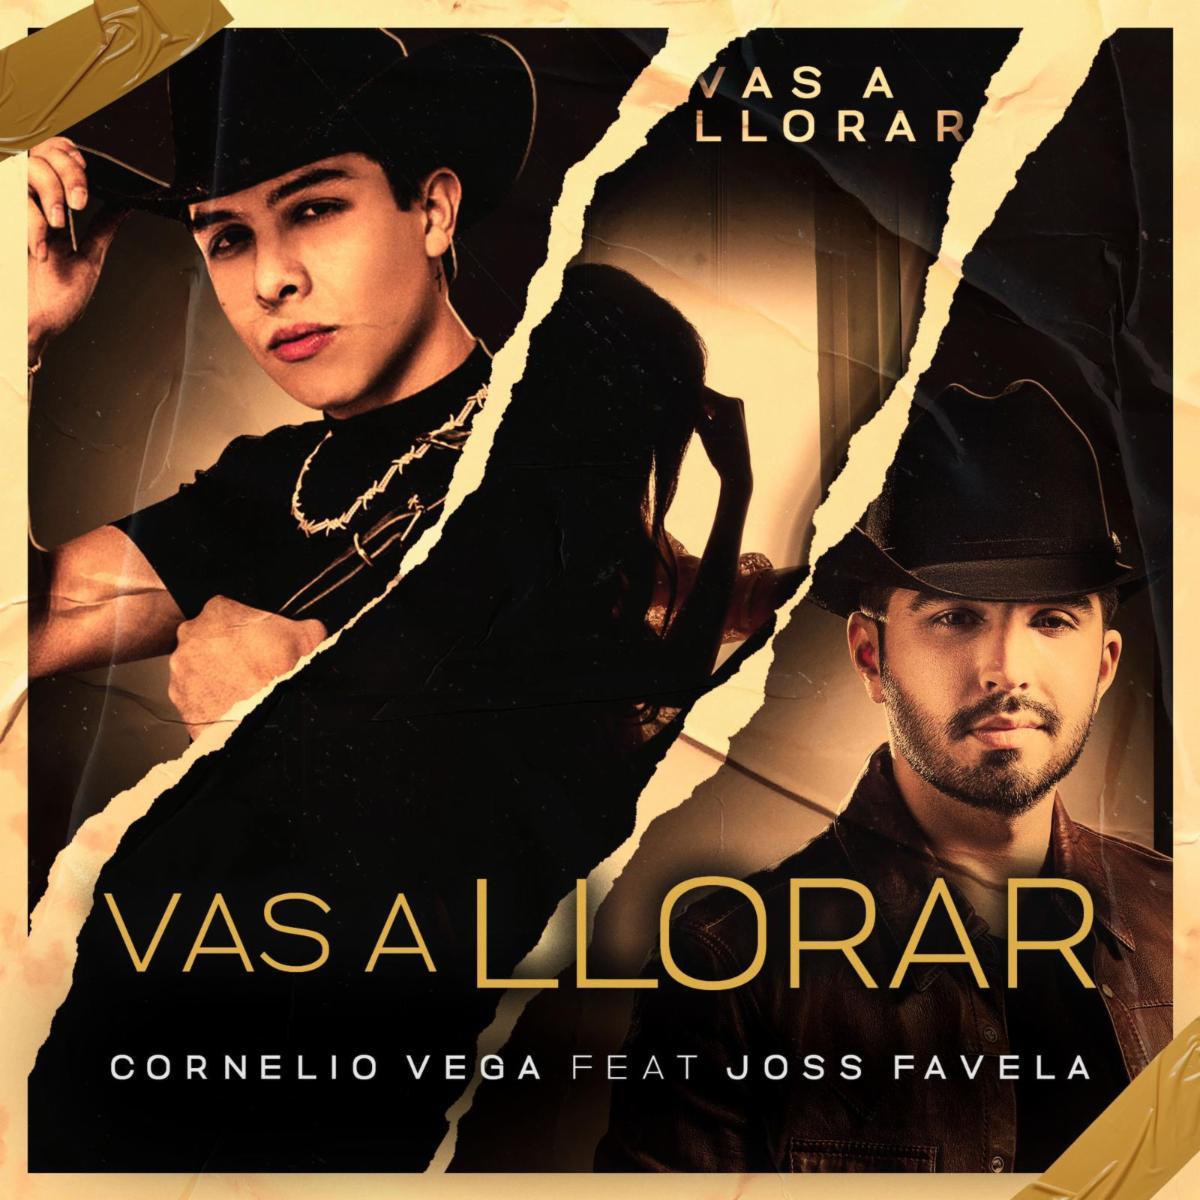 Vas Llorar noticias Cornelio Vega Ft. Joss Favela Gerencia360